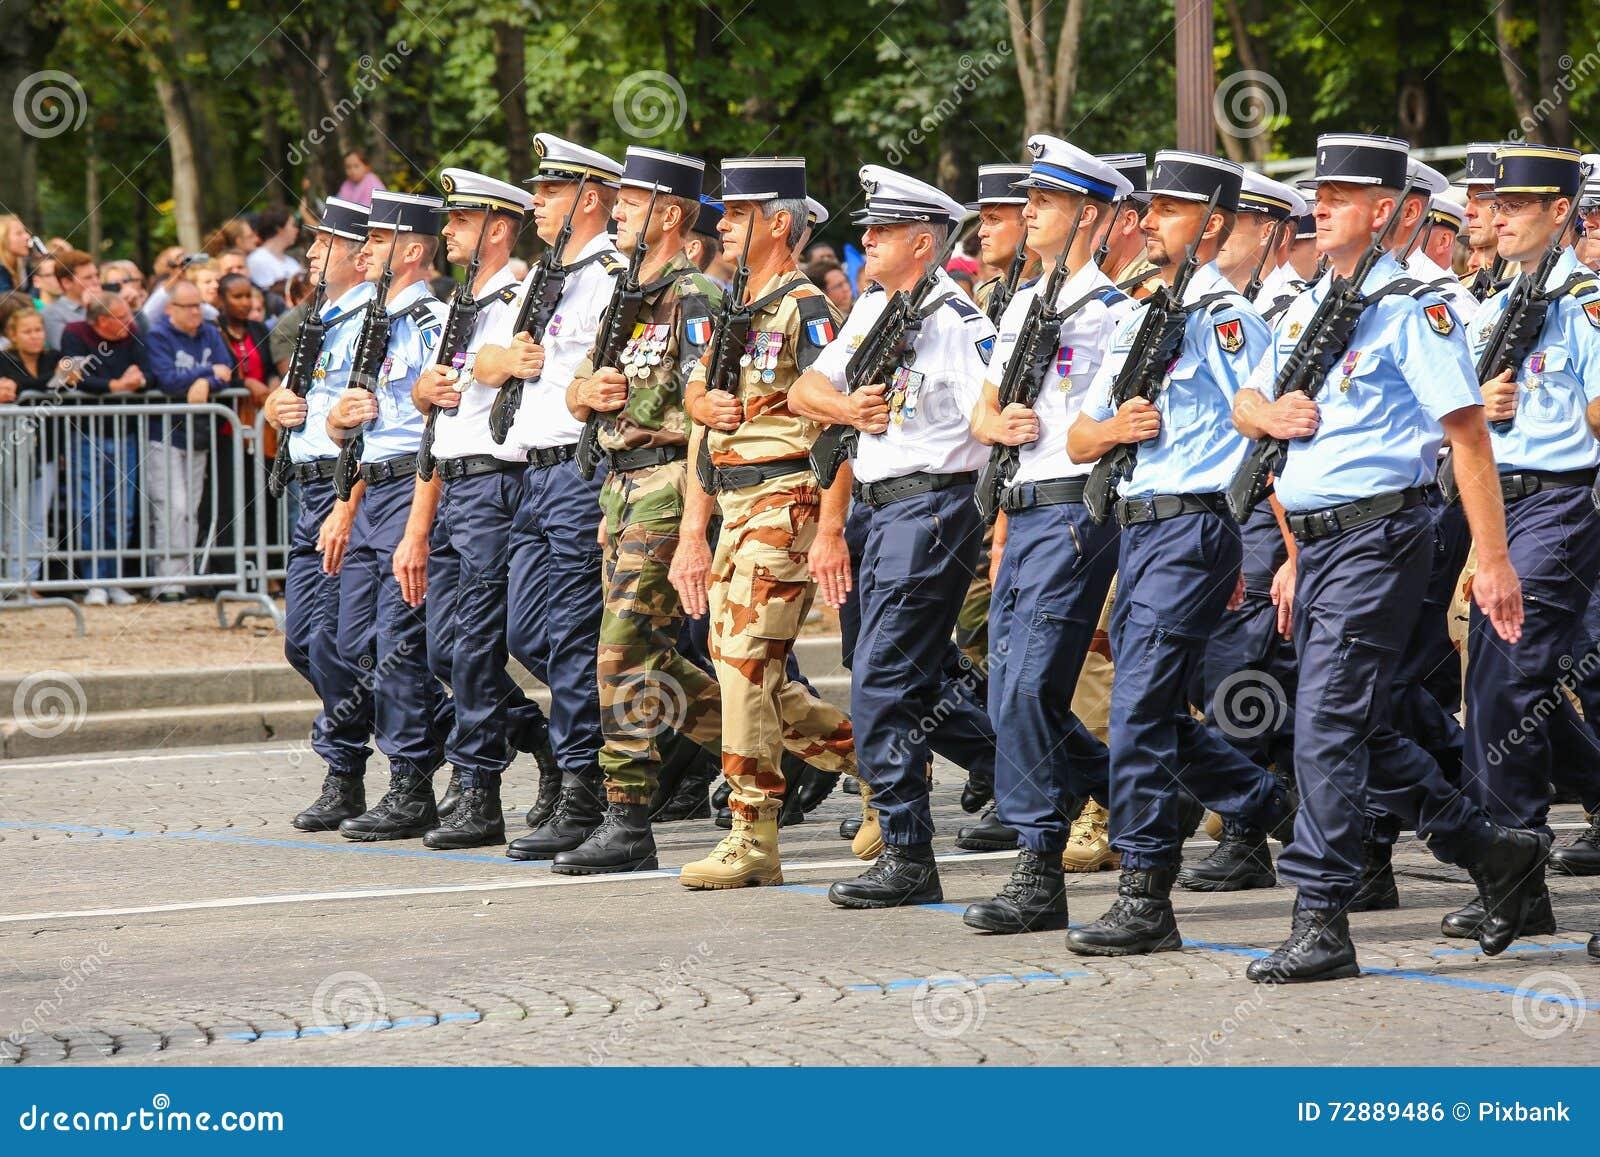 Parada militar do Gendarmerie nacional (desfile) durante o ceremonial do dia nacional francês, homem poderoso